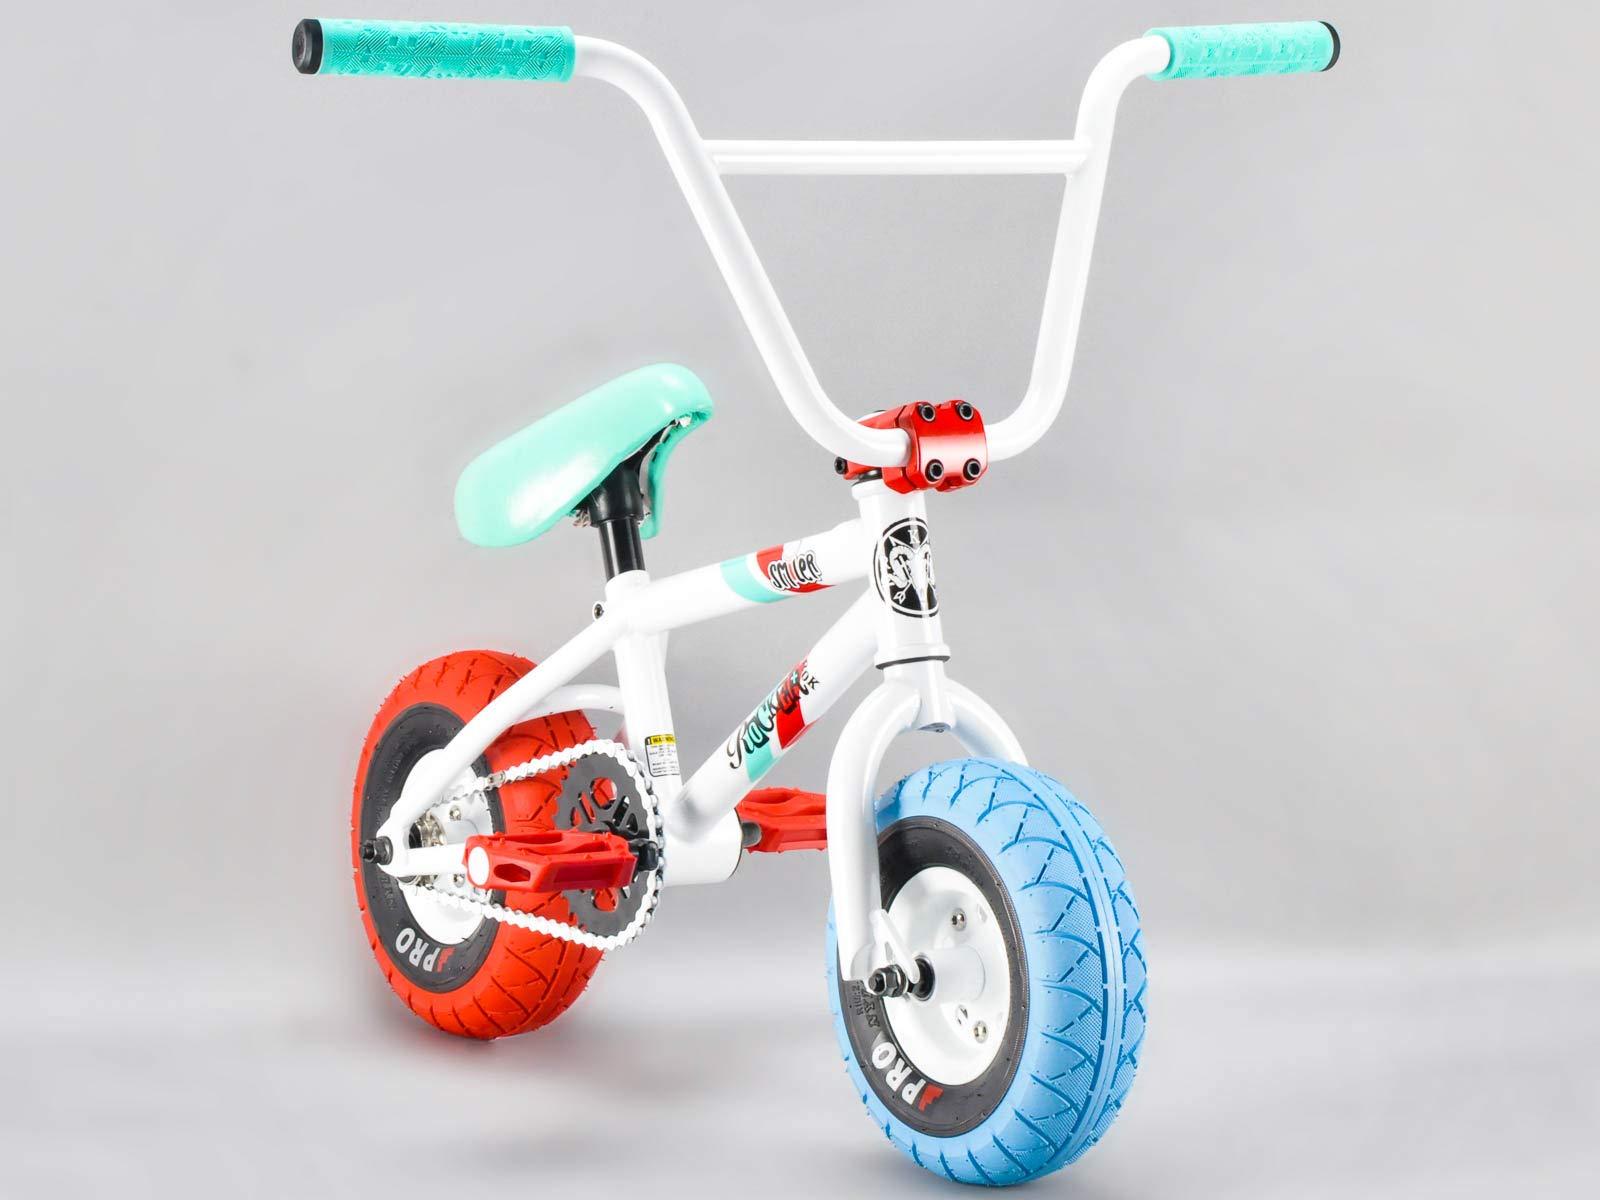 Rocker BMX Mini BMX Bike iROK+ Smiler RKR